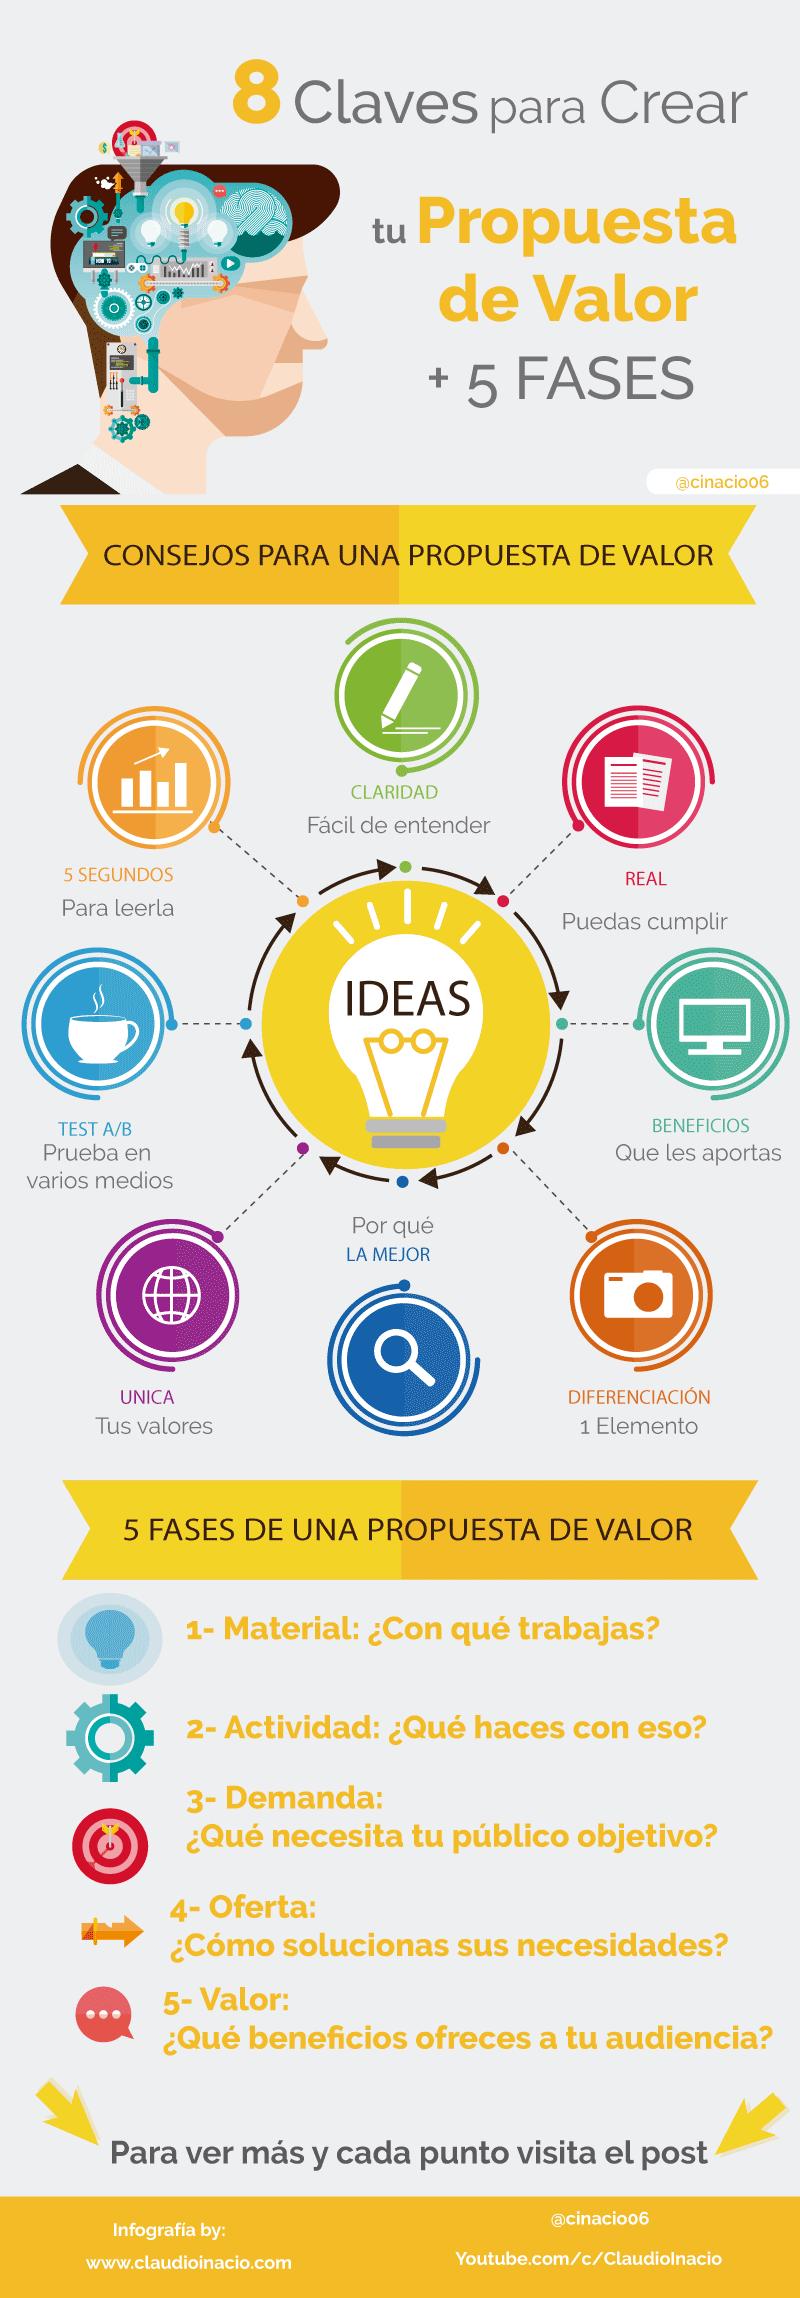 Infografia con consejos y fases para crear una propuesta de valor